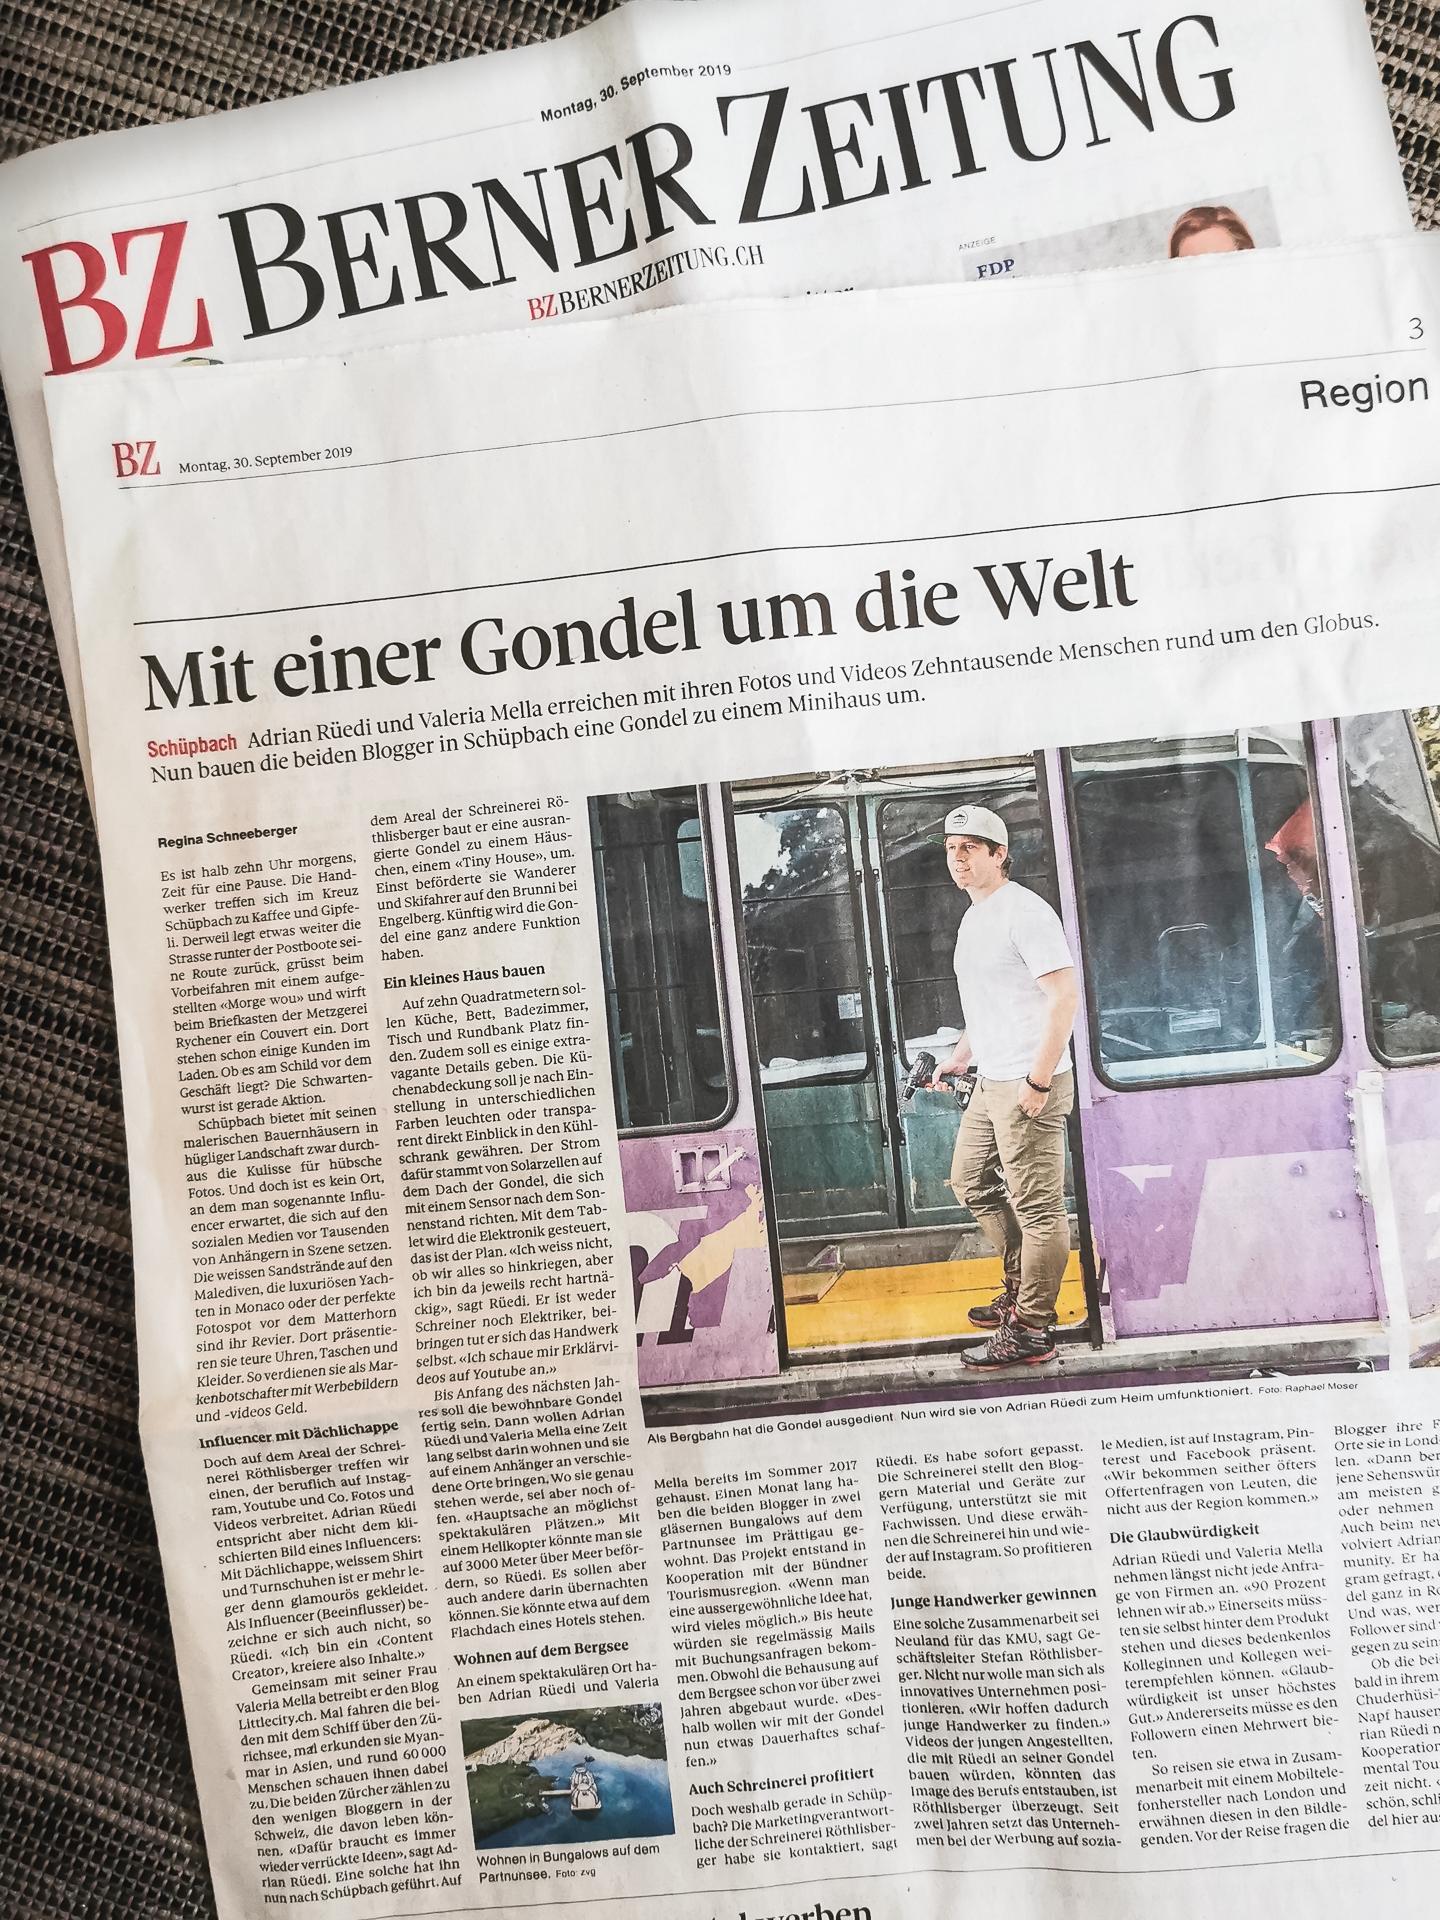 Berner Zeitung Tiny House Gondel